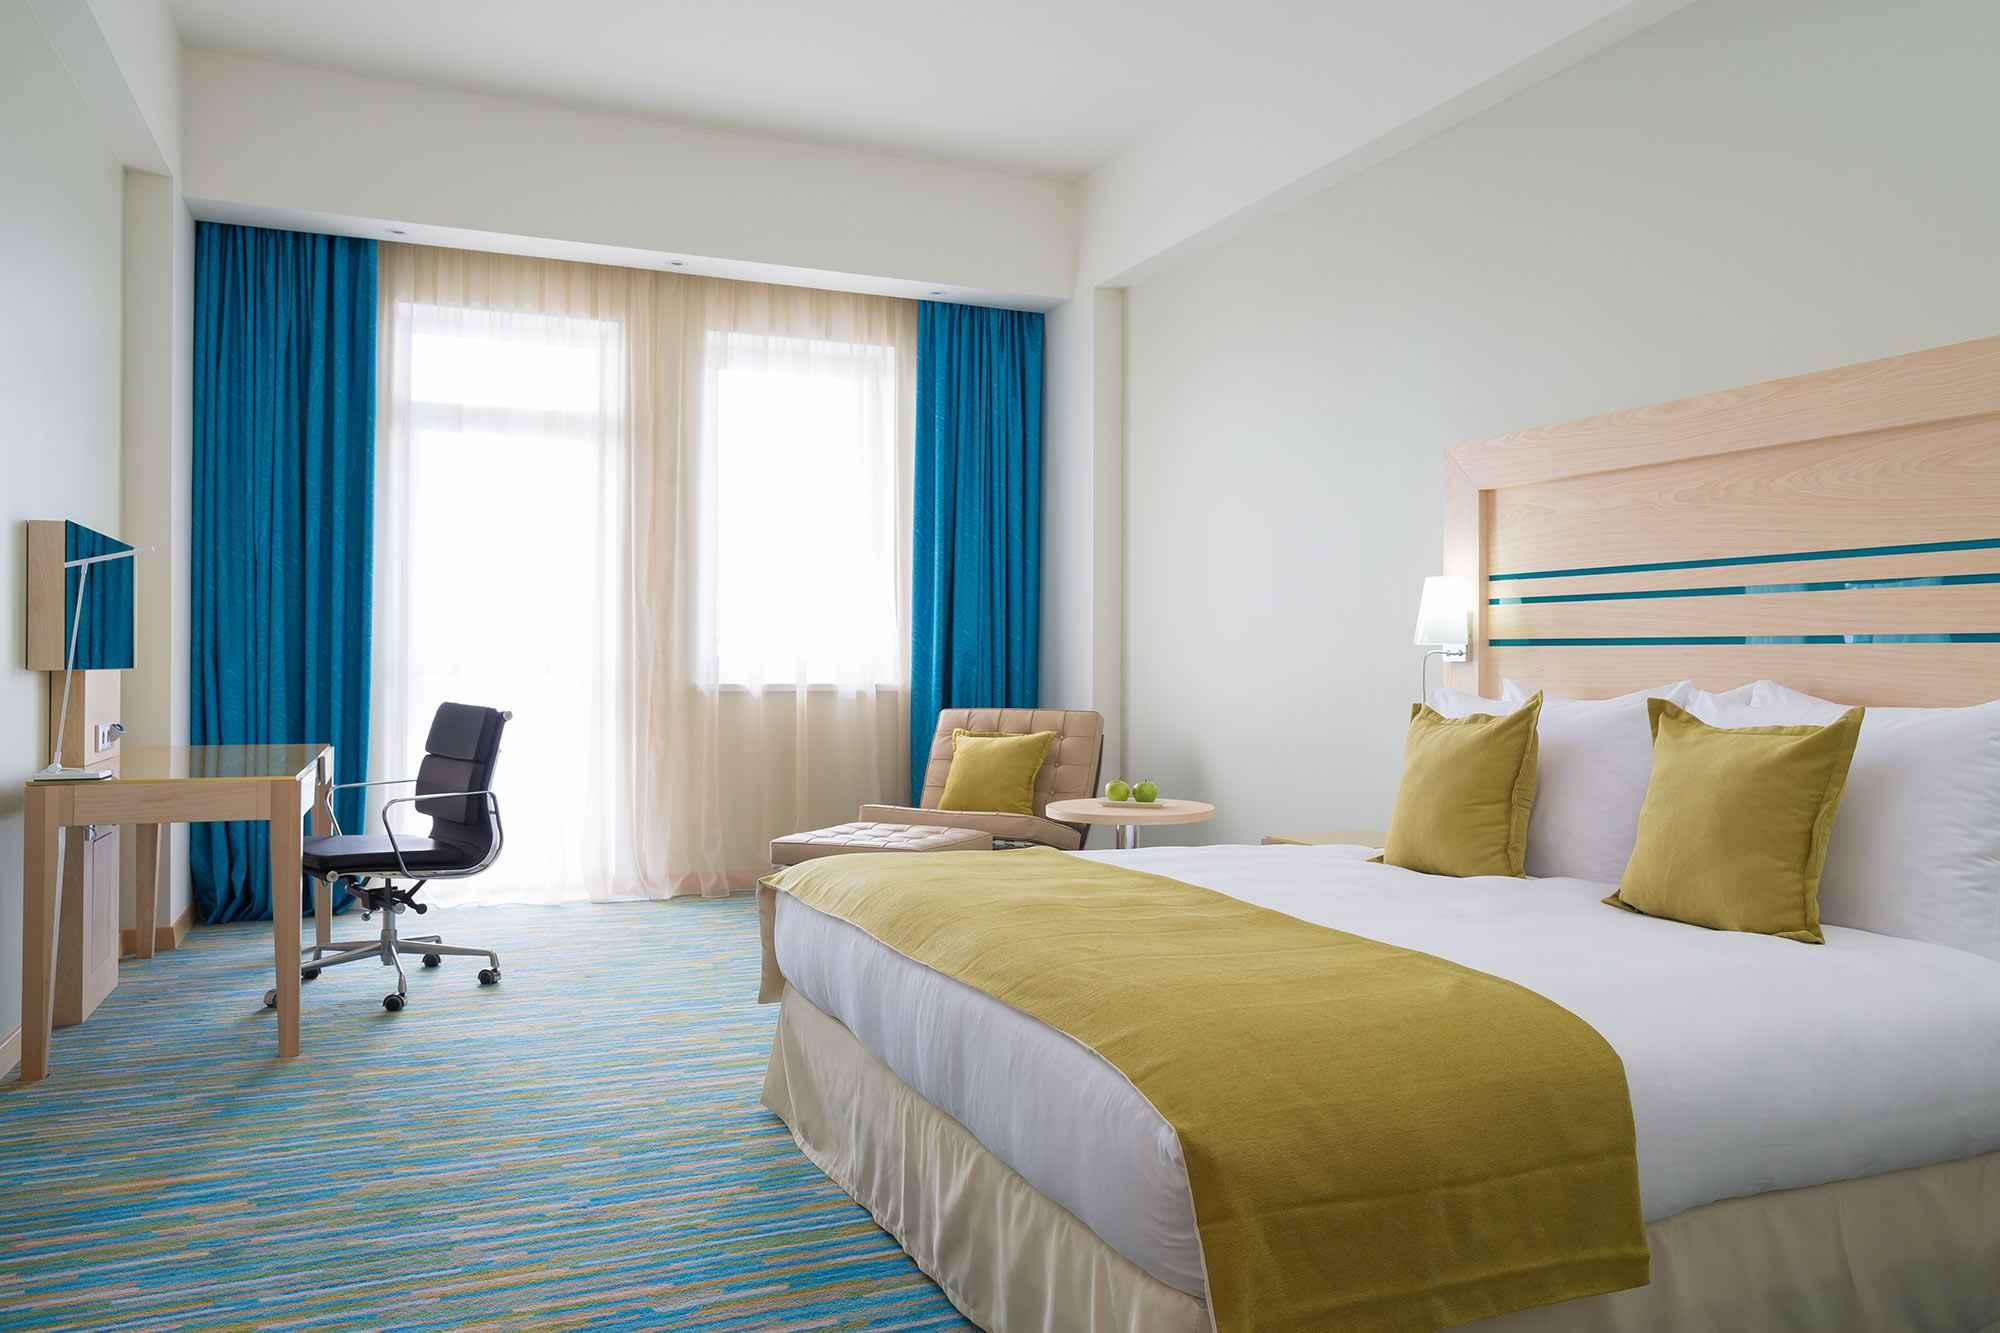 Стандарт Модерн в Riviera Sunrise Resort&SPА